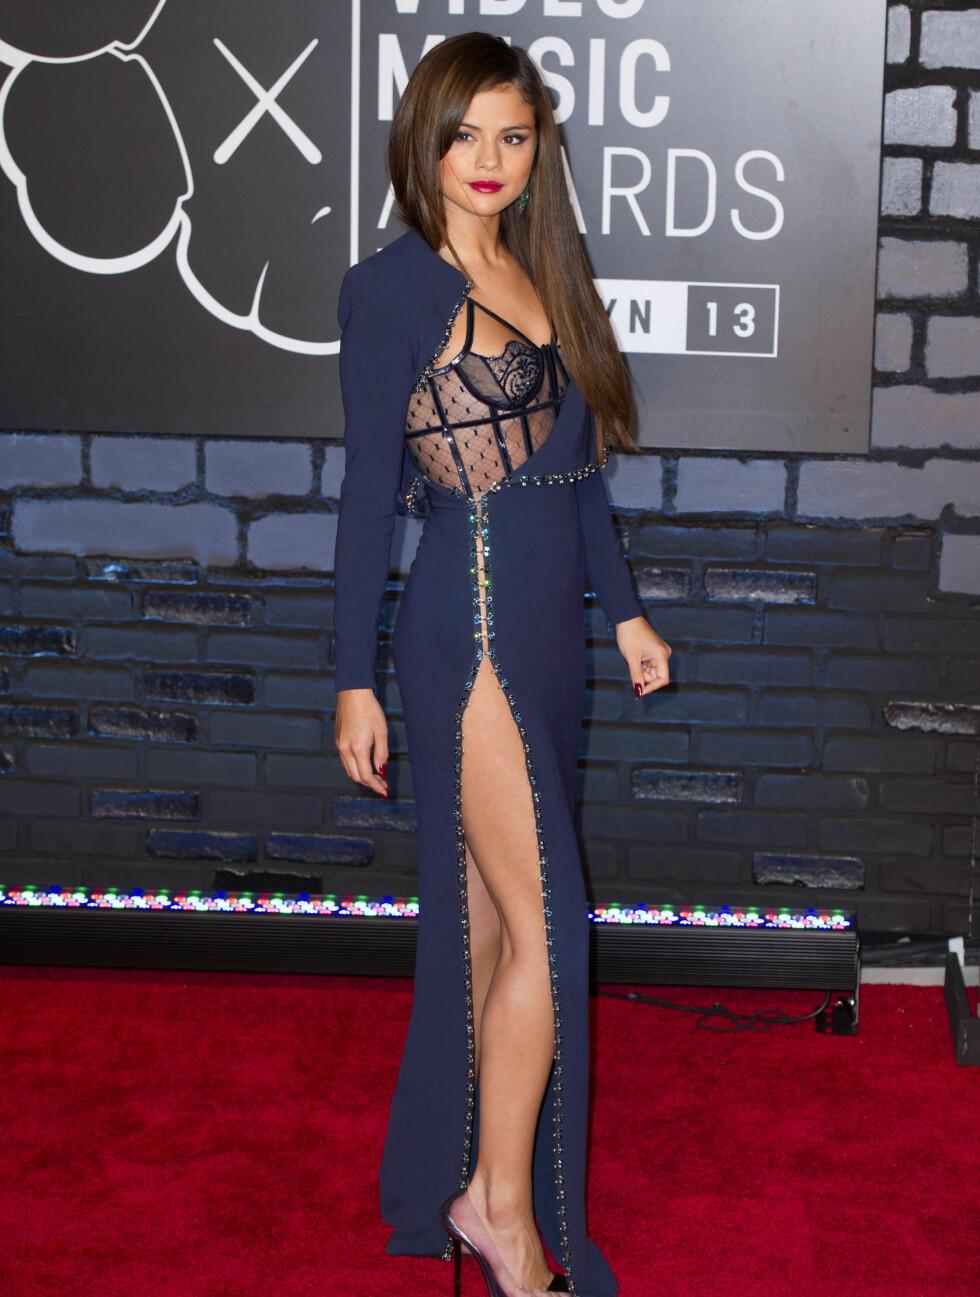 MTV MUSIC VIDEO AWARDS 2013: Popstjernen Selena Gomez var lekker i kjole med høy splitt og innebygd korsett fra Atelier Versace. Foto: Ron Asadorian / Splash News/ All Over Press